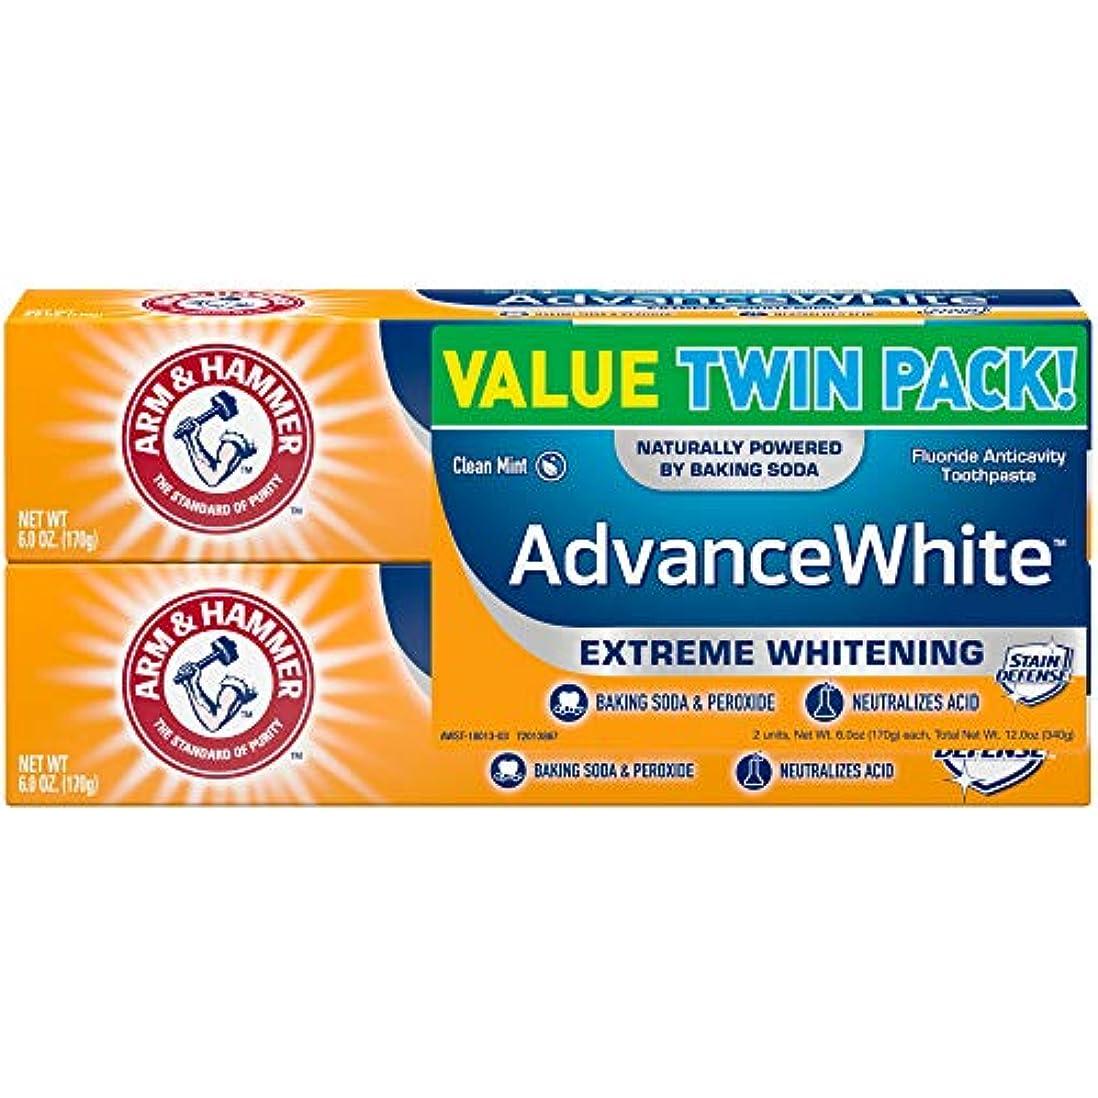 住人小道リングArm & Hammer アーム&ハマー アドバンス ホワイト 歯磨き粉 2個パック Toothpaste with Baking Soda & Peroxide